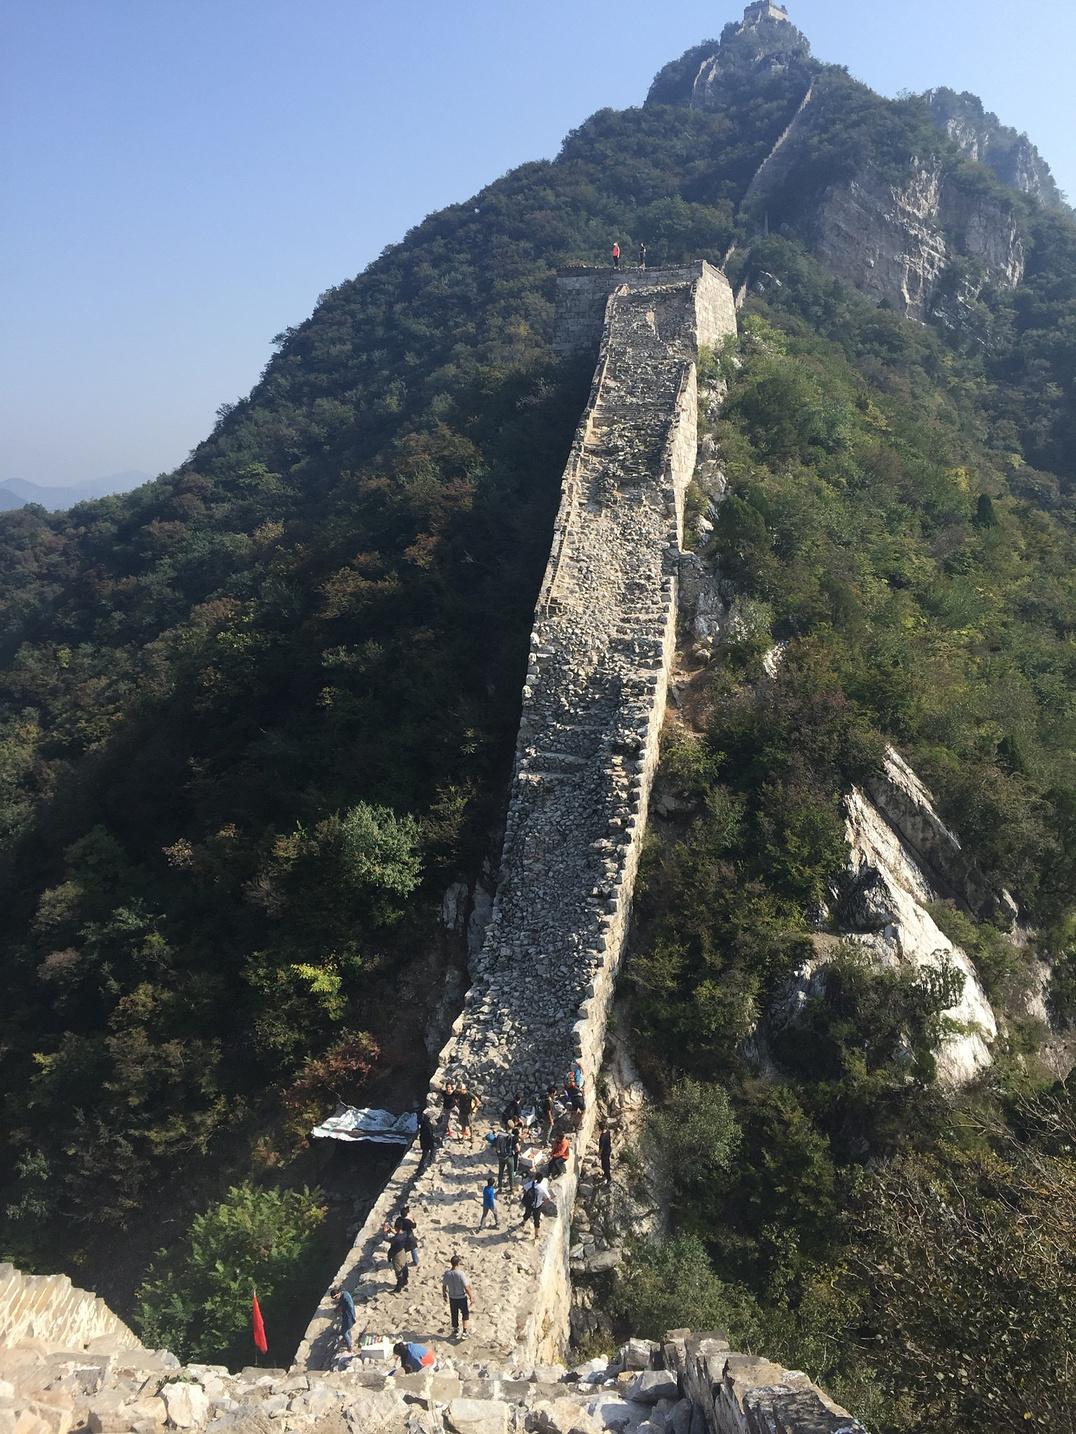 千里之行,始于足下--记箭扣北京徒步之行-长城旅游北京云峰山攻略图片